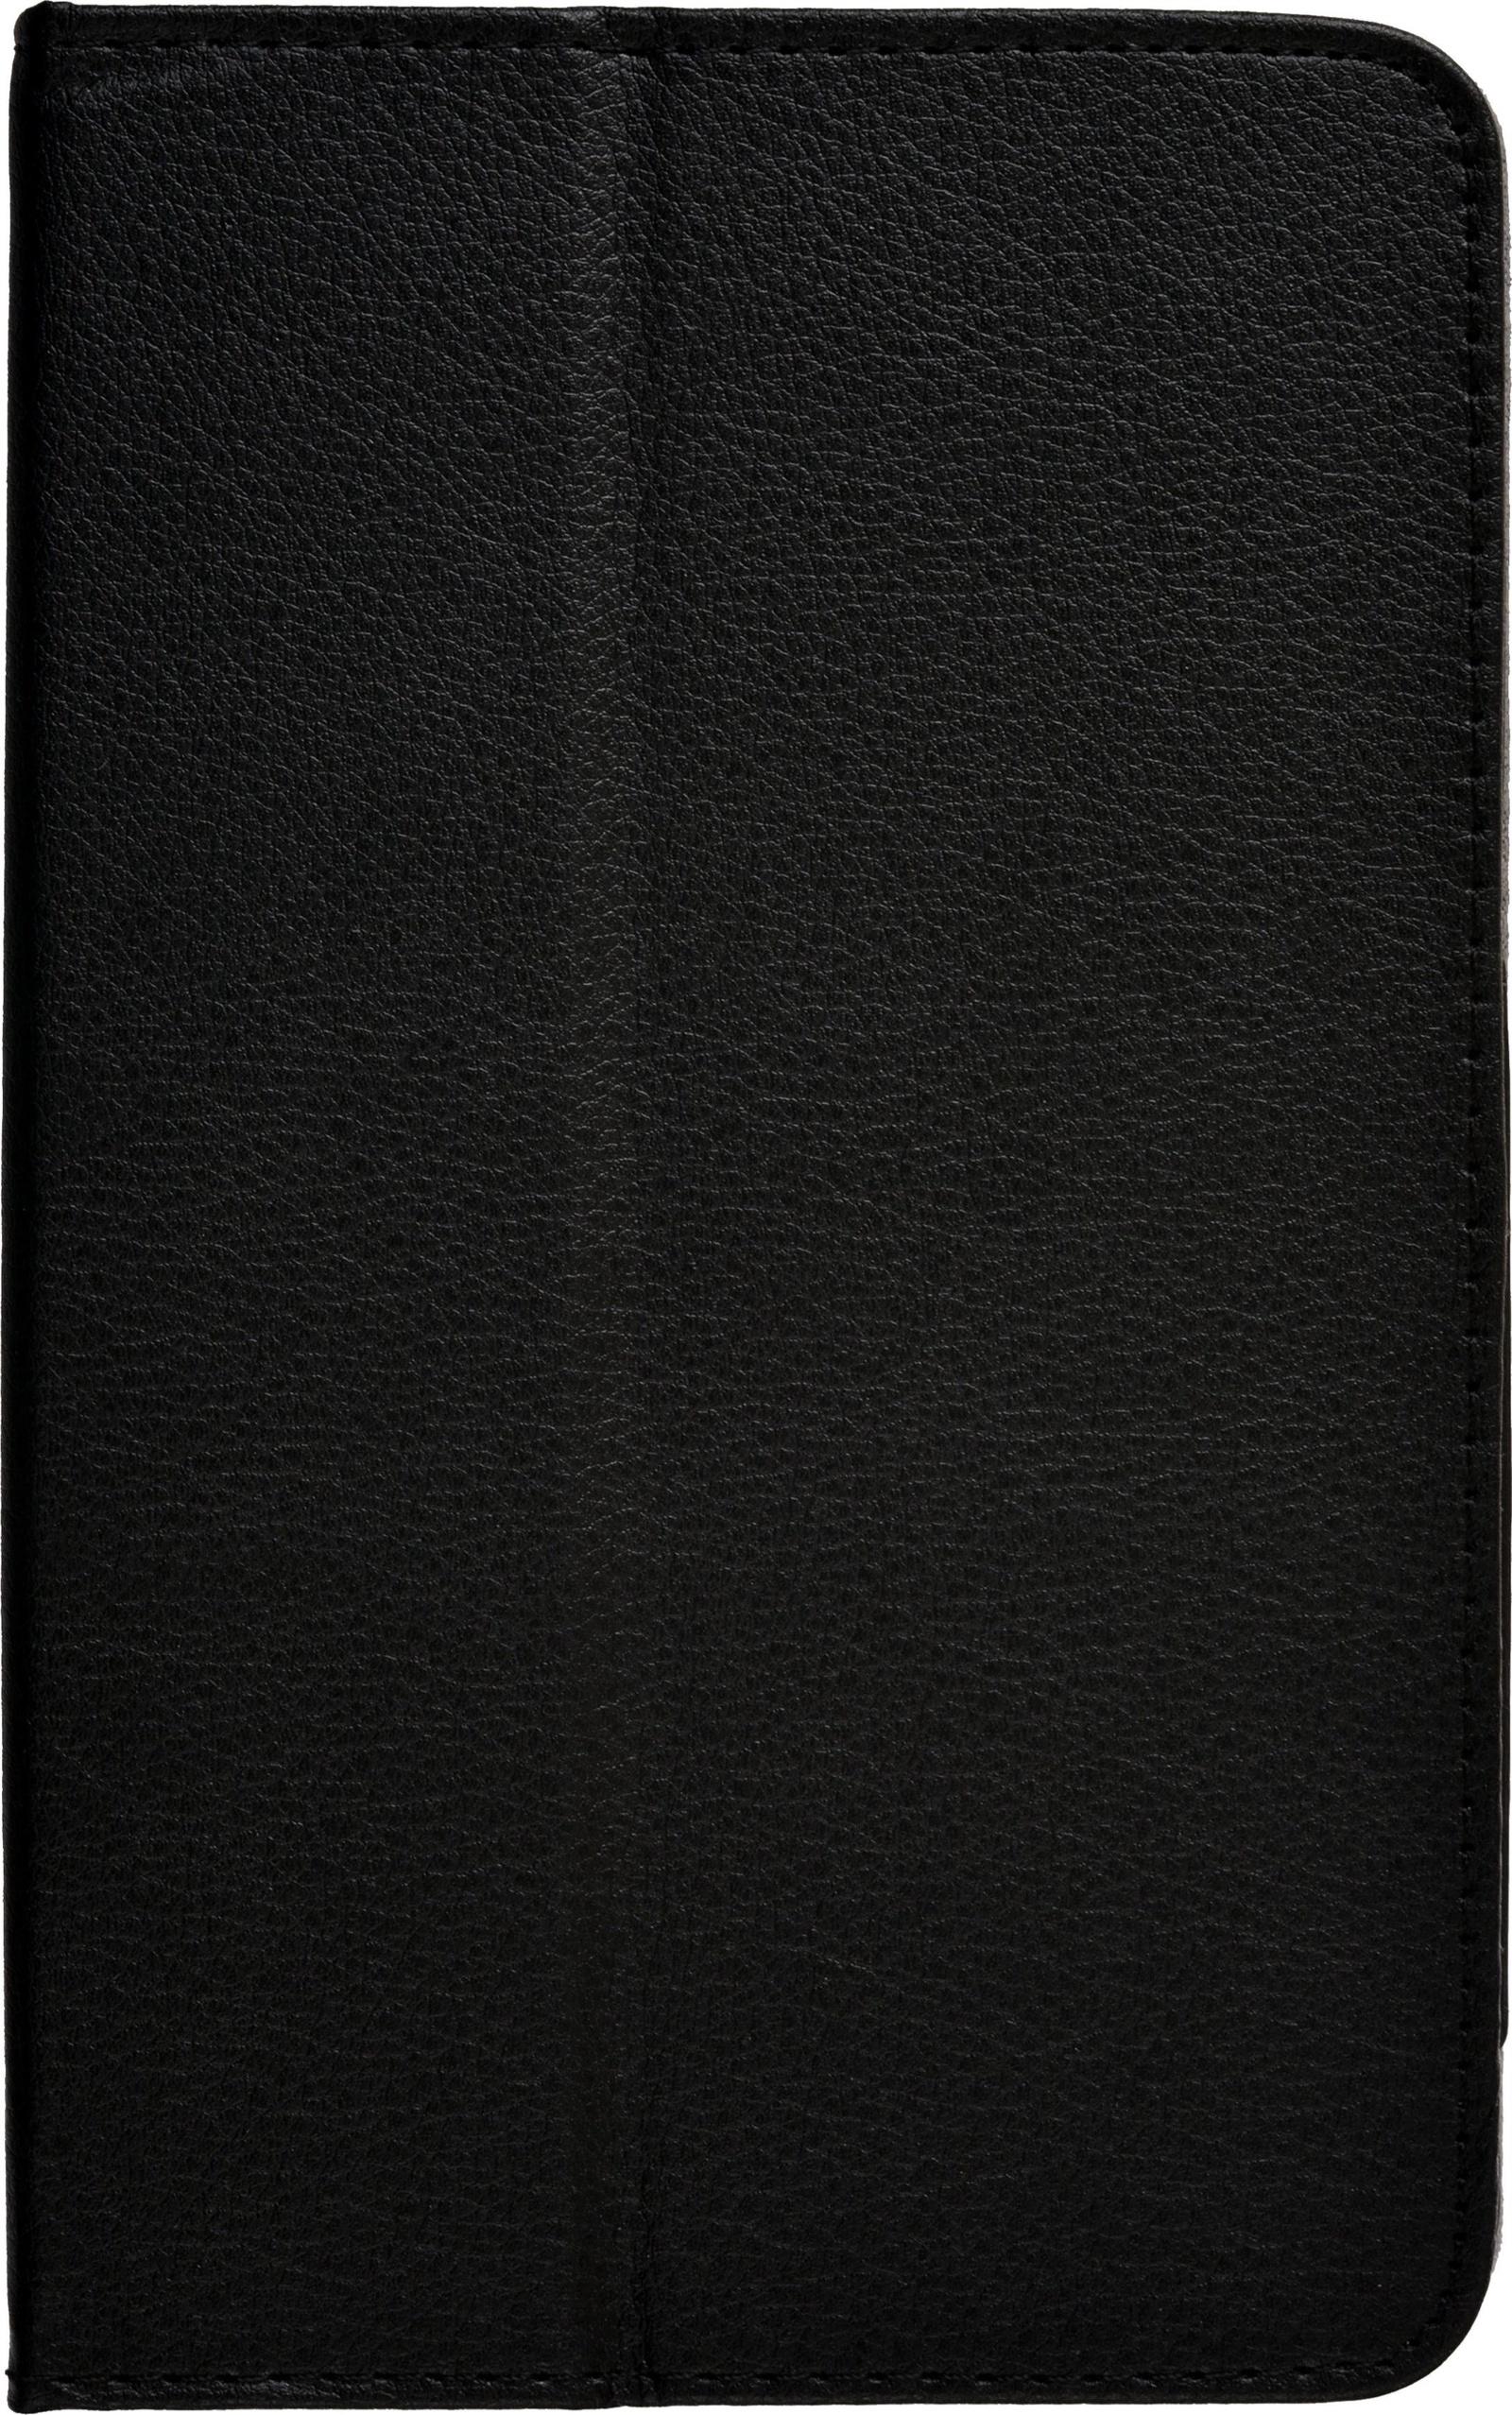 Чехол для сотового телефона skinBOX Standard, 4660041406696, черный чехол skinbox для lenovo s5000 4630042521483 черный